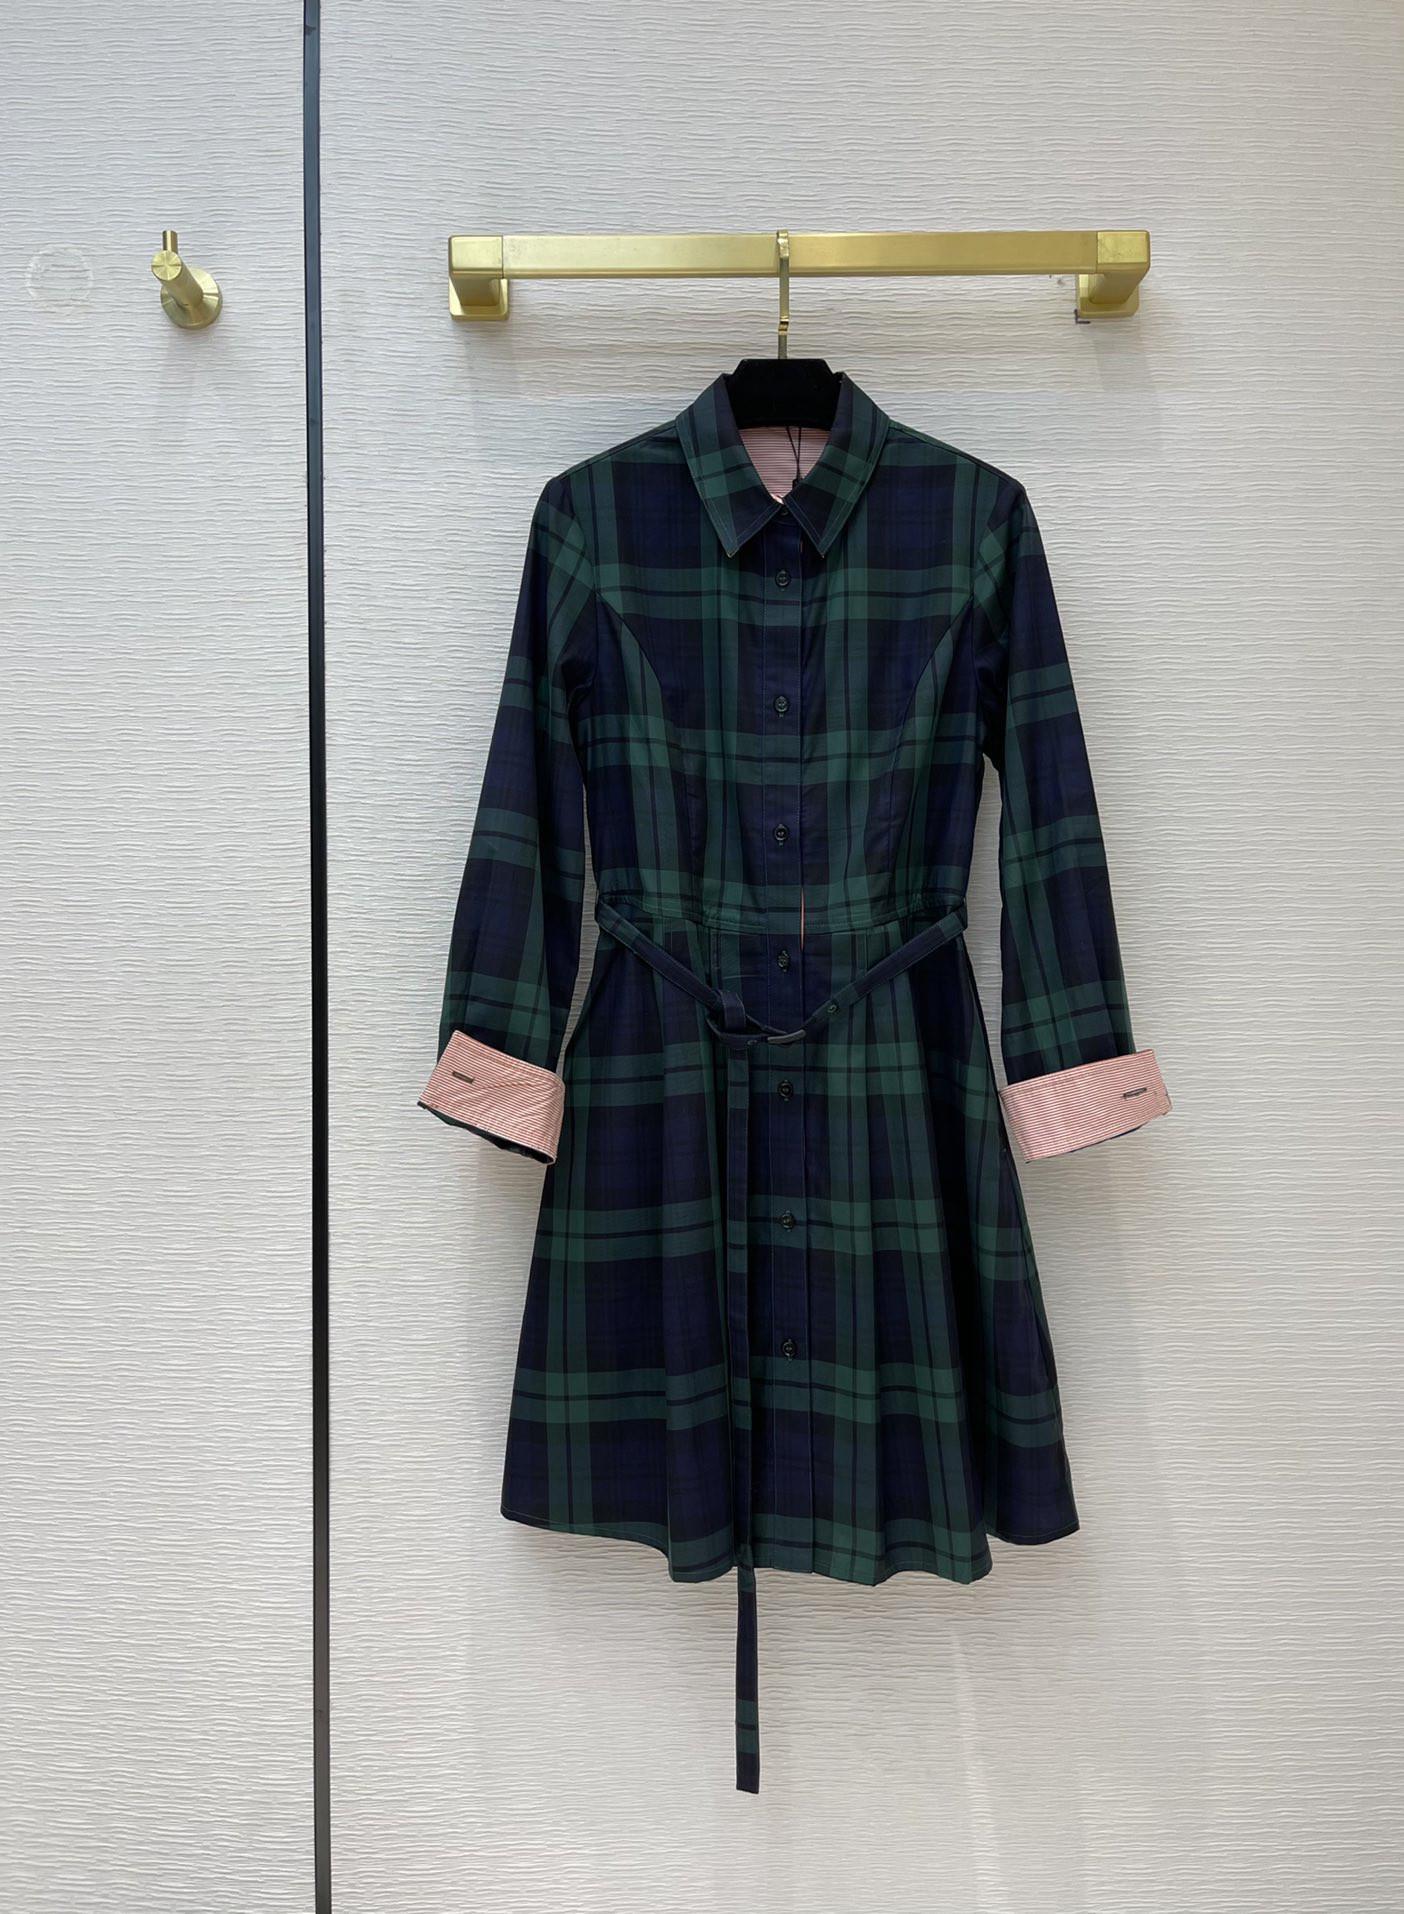 Milan Pisti Elbise 2021 Yaka Boyun Uzun Kollu Panelli Tasarımcı Elbise Marka Aynı Stil Elbise 0316-6